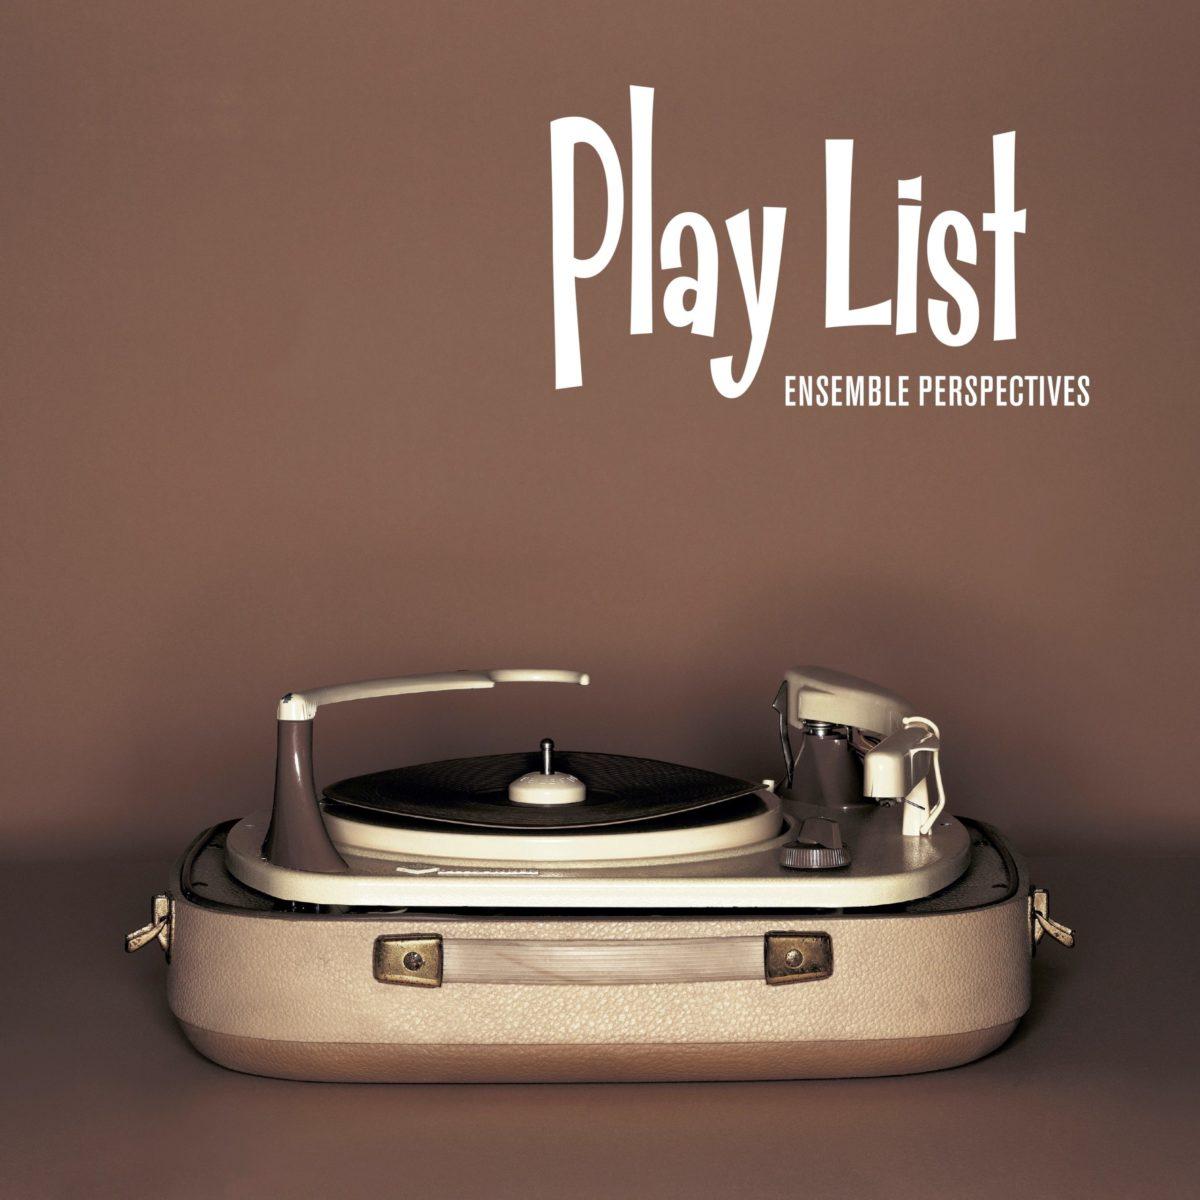 Enregistrement Play List - Ensemble Perspectives